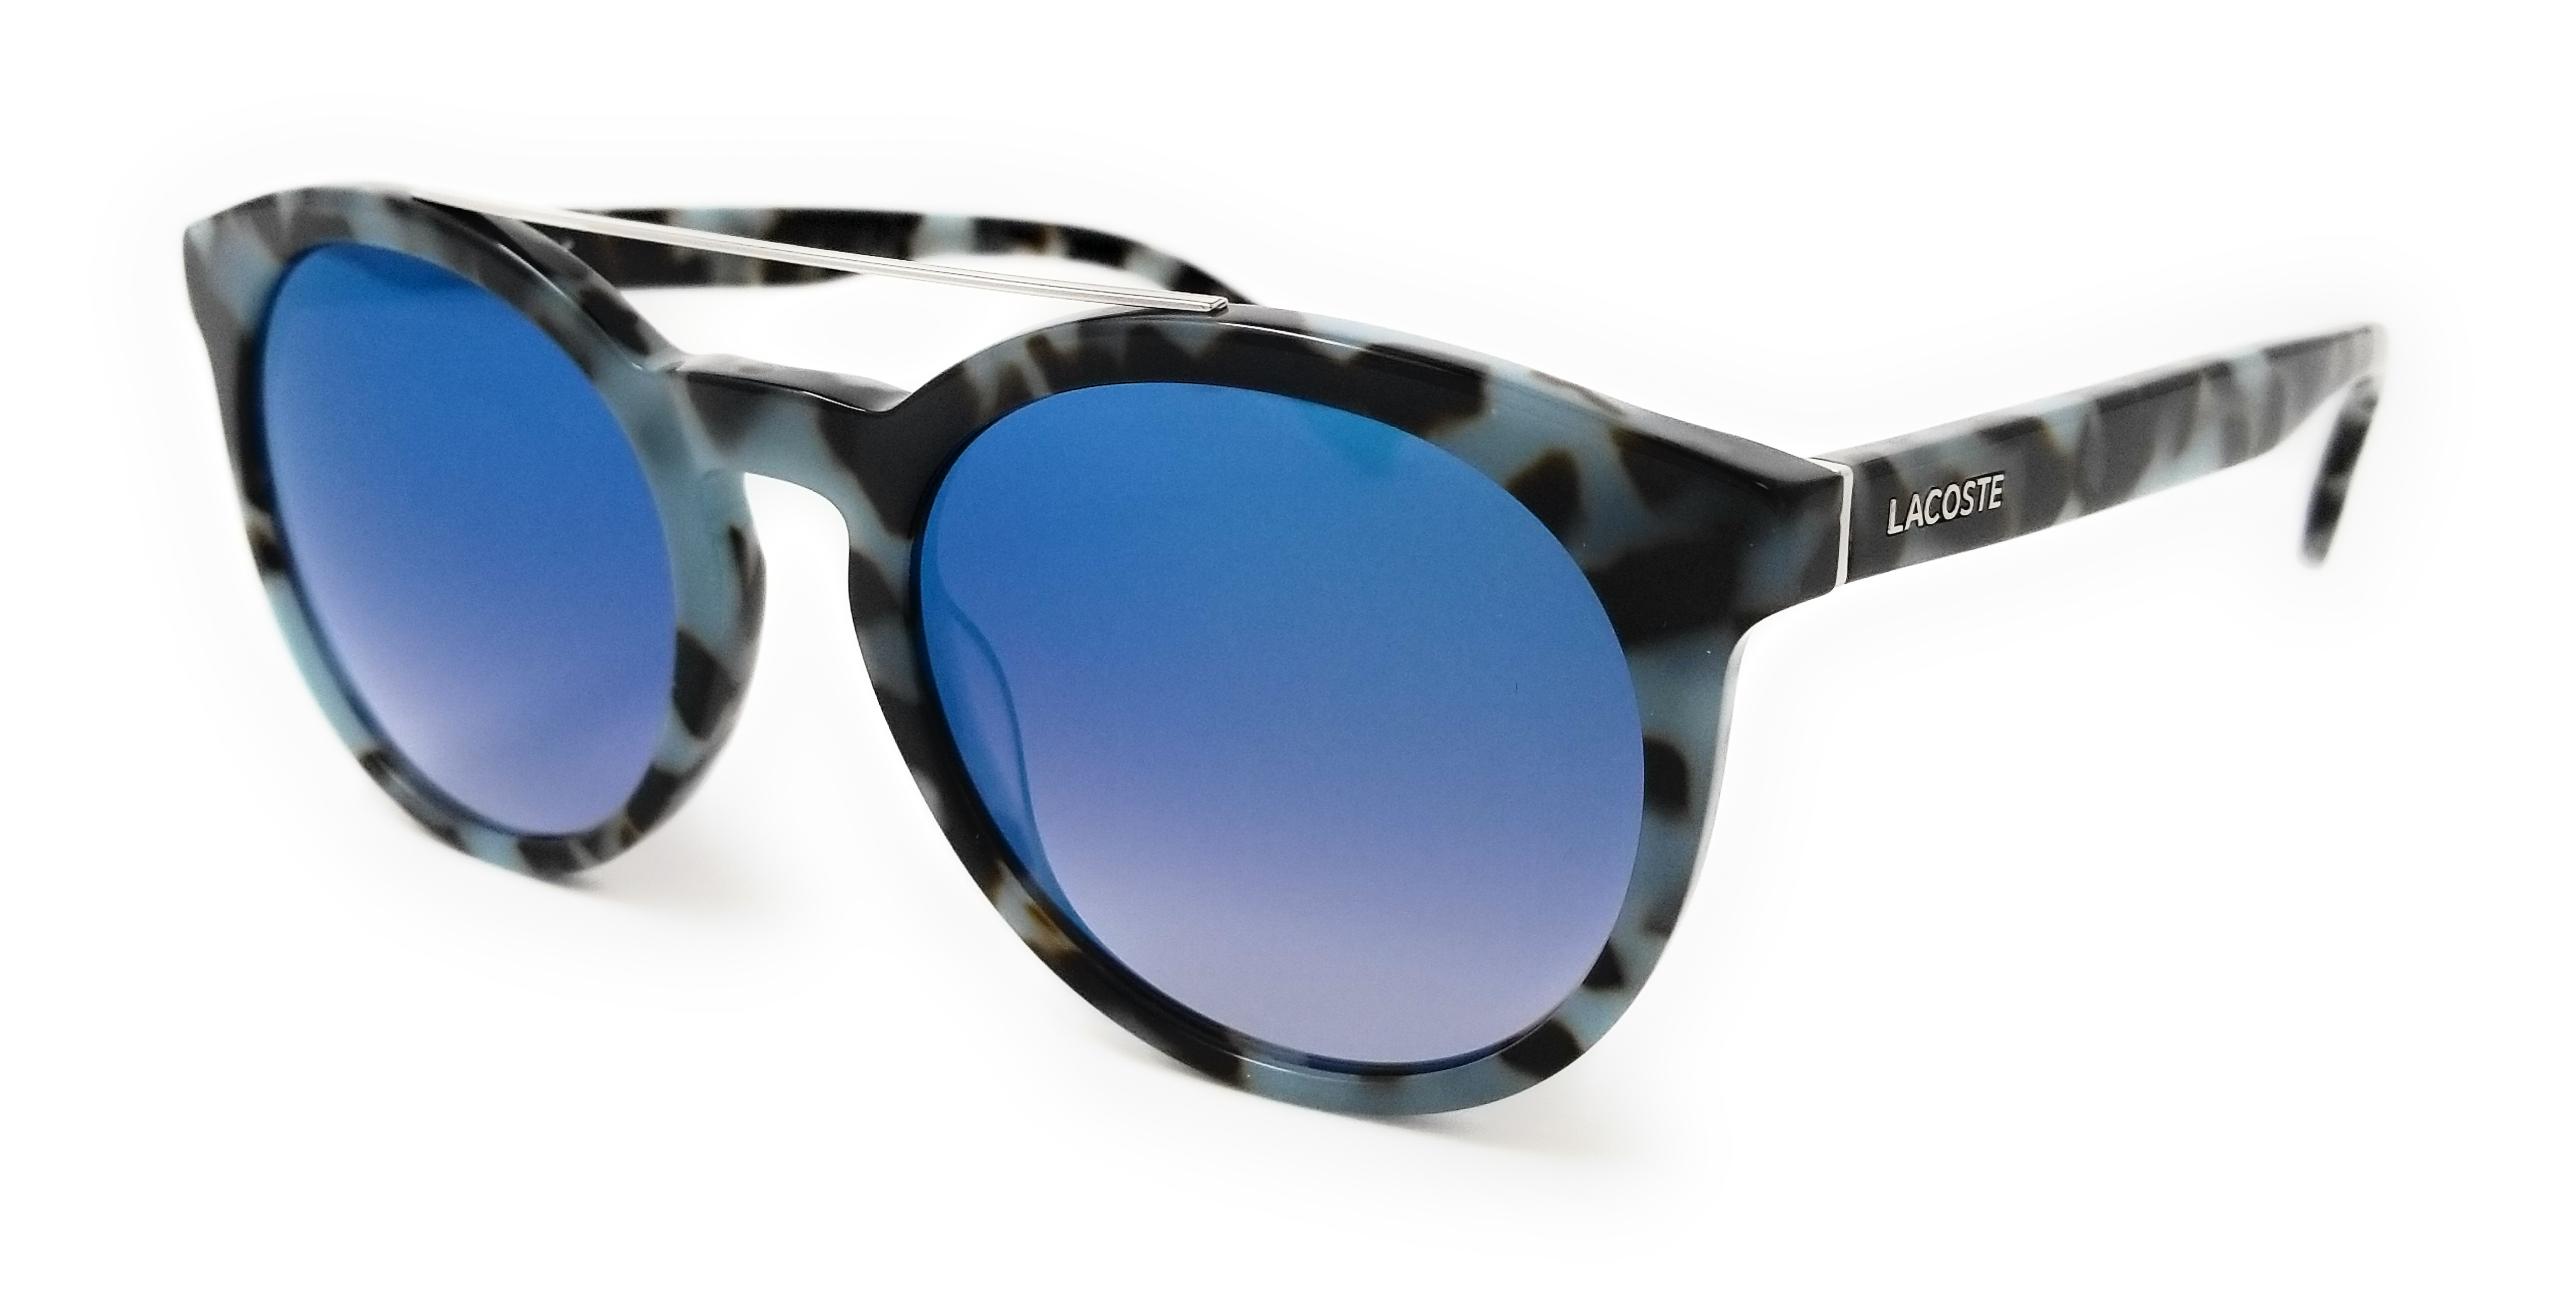 Lacoste Sonnenbrille » L821S«, blau, 215 - blau